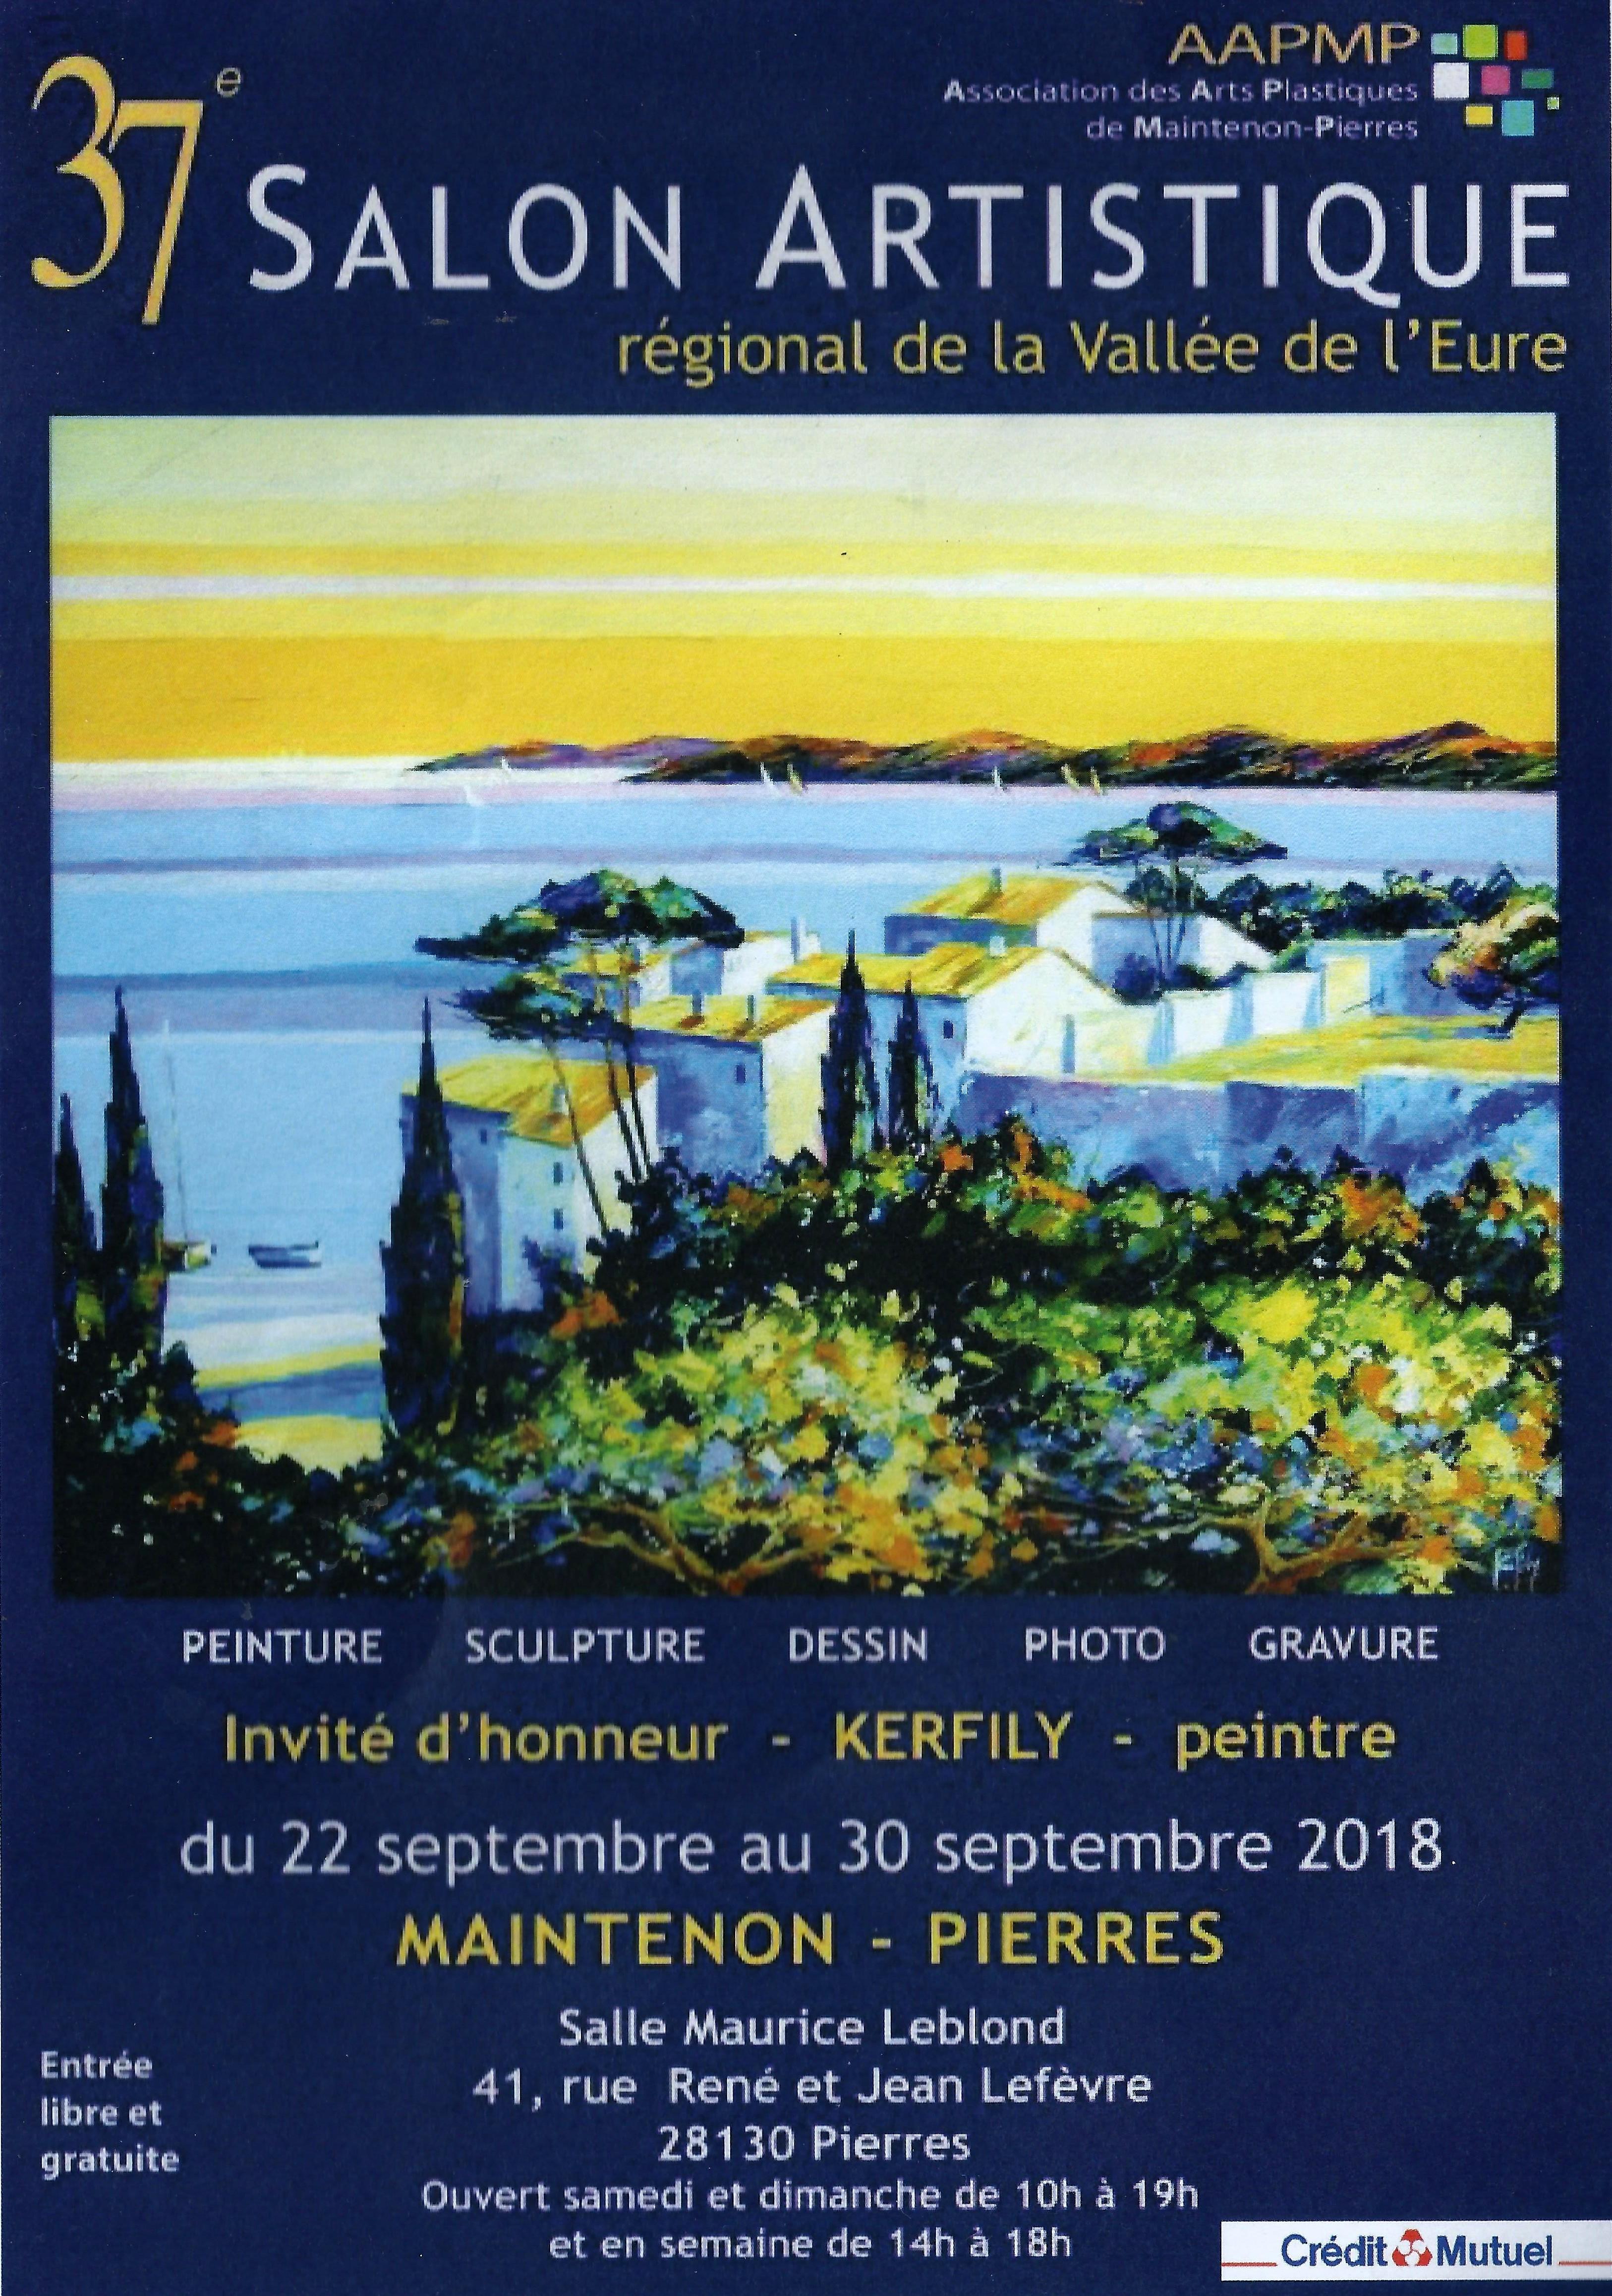 Deux œuvres sélectionnées au 37 éme salon artistique de la Vallée de l'Eure